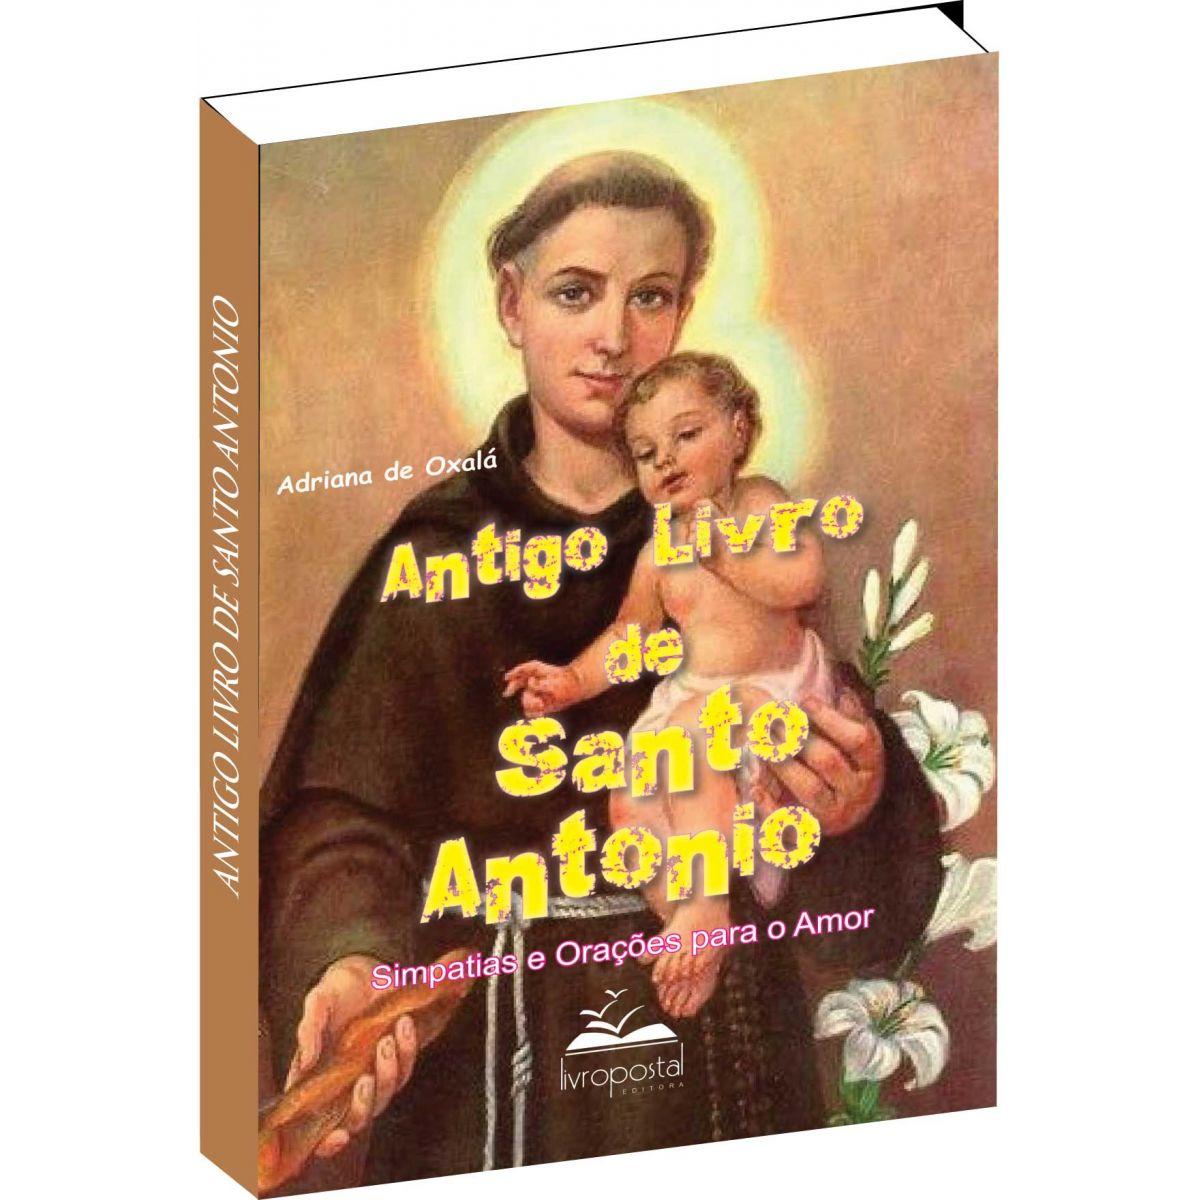 Brinde na compra de 2 livros - Antigo livro de Santo Antonio  - Livropostal Editora